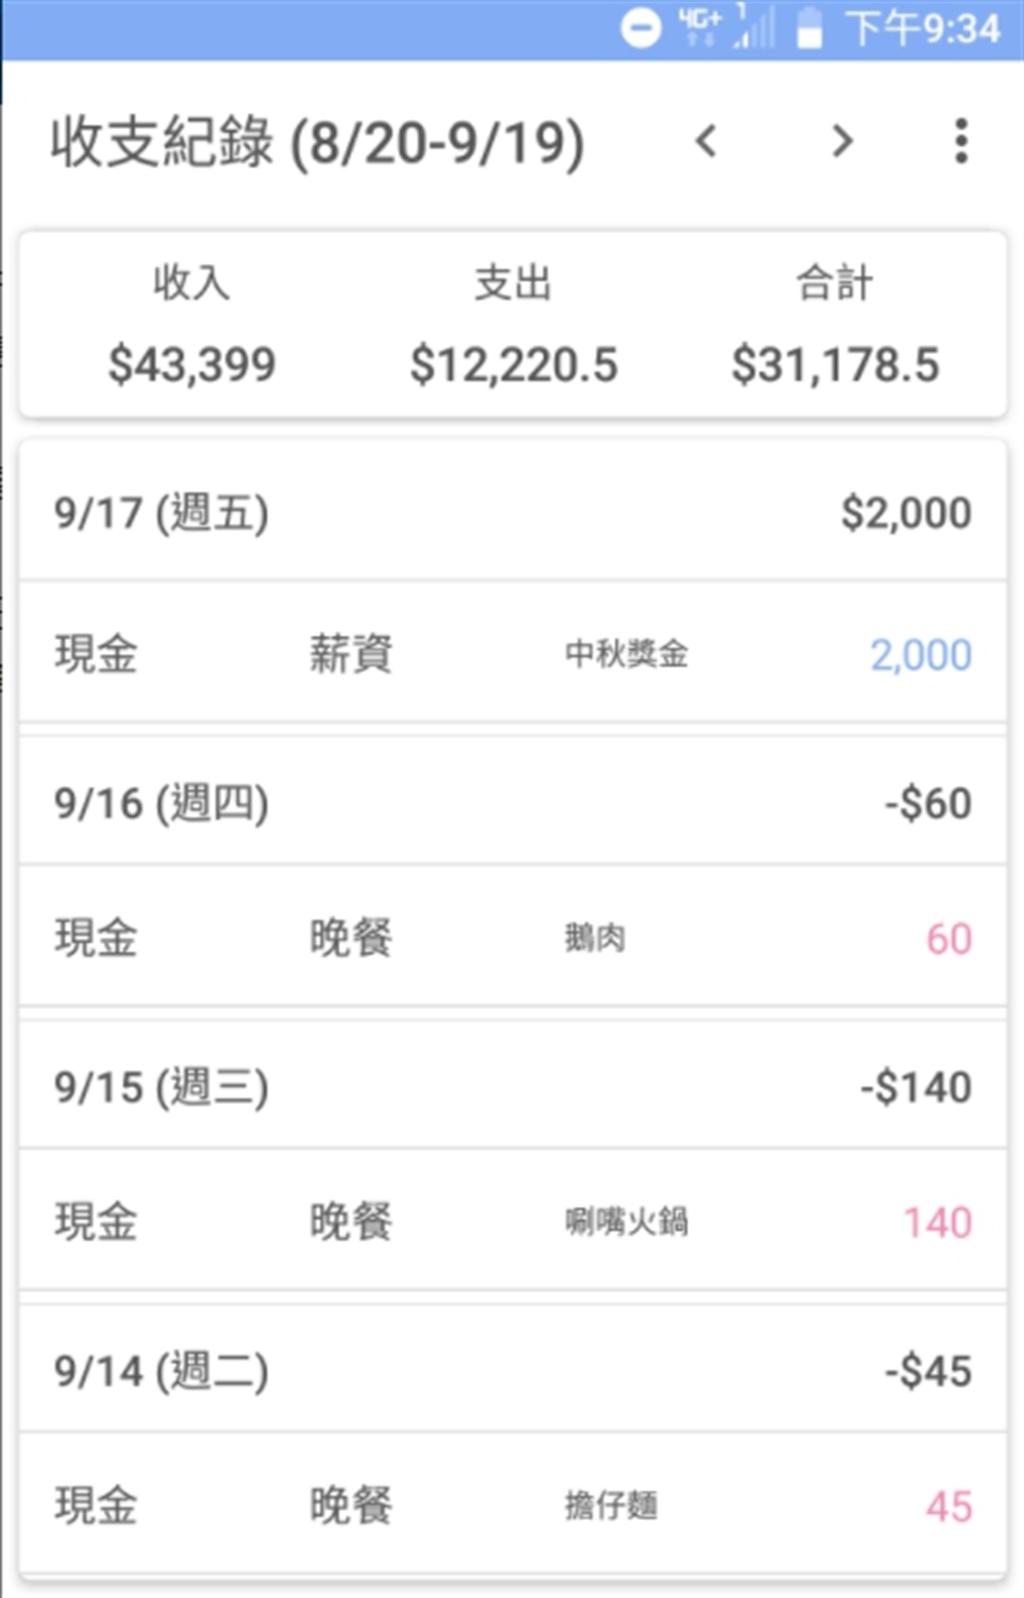 女網友PO出自己的收支紀錄。(圖/截自Dcard)